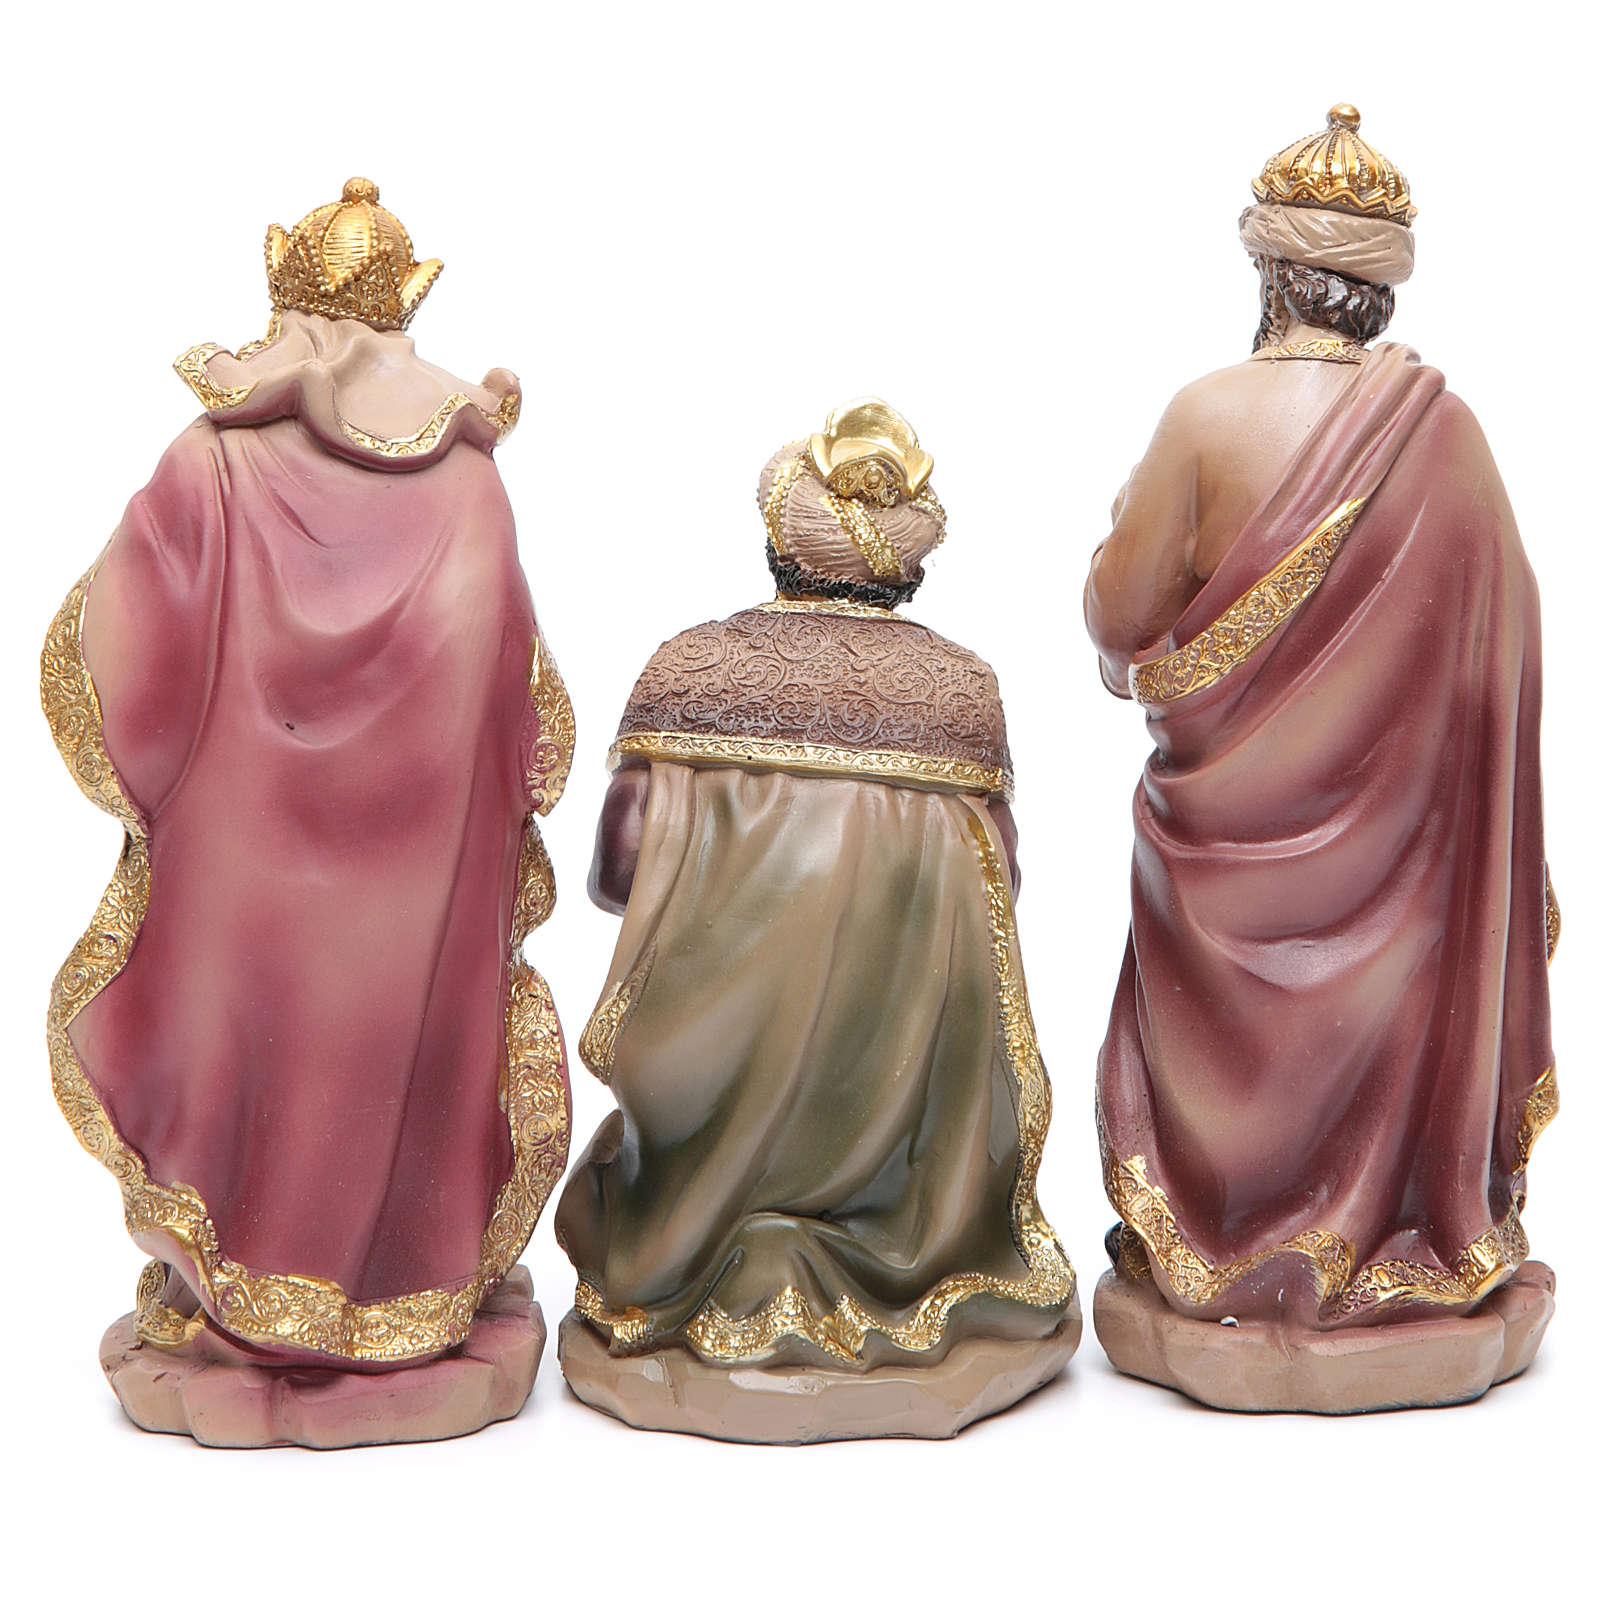 Presépio resina detalhes dourados com 11 peças de 20,5 cm de altura média 4